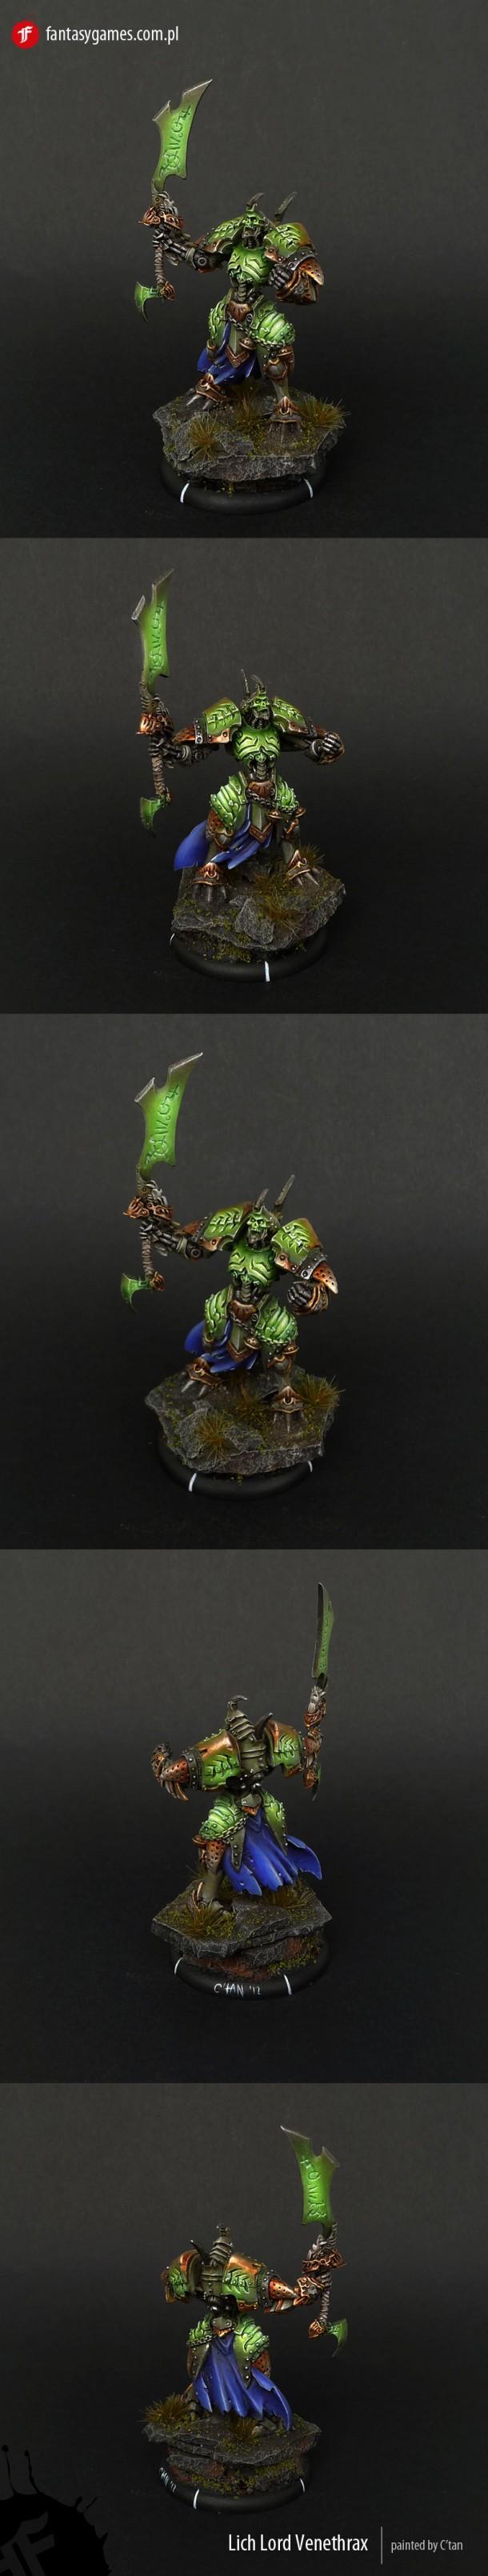 Lich Lord Venethrax (2)